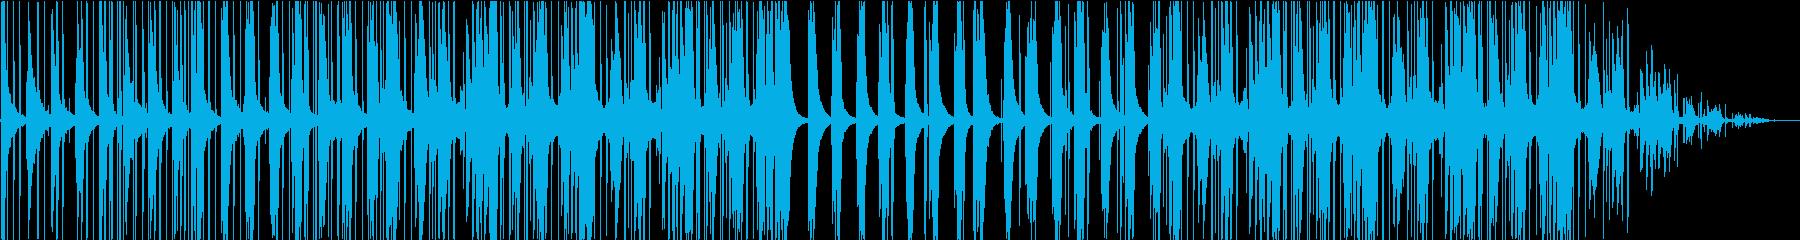 揺らめき/ローファイ_No415の再生済みの波形